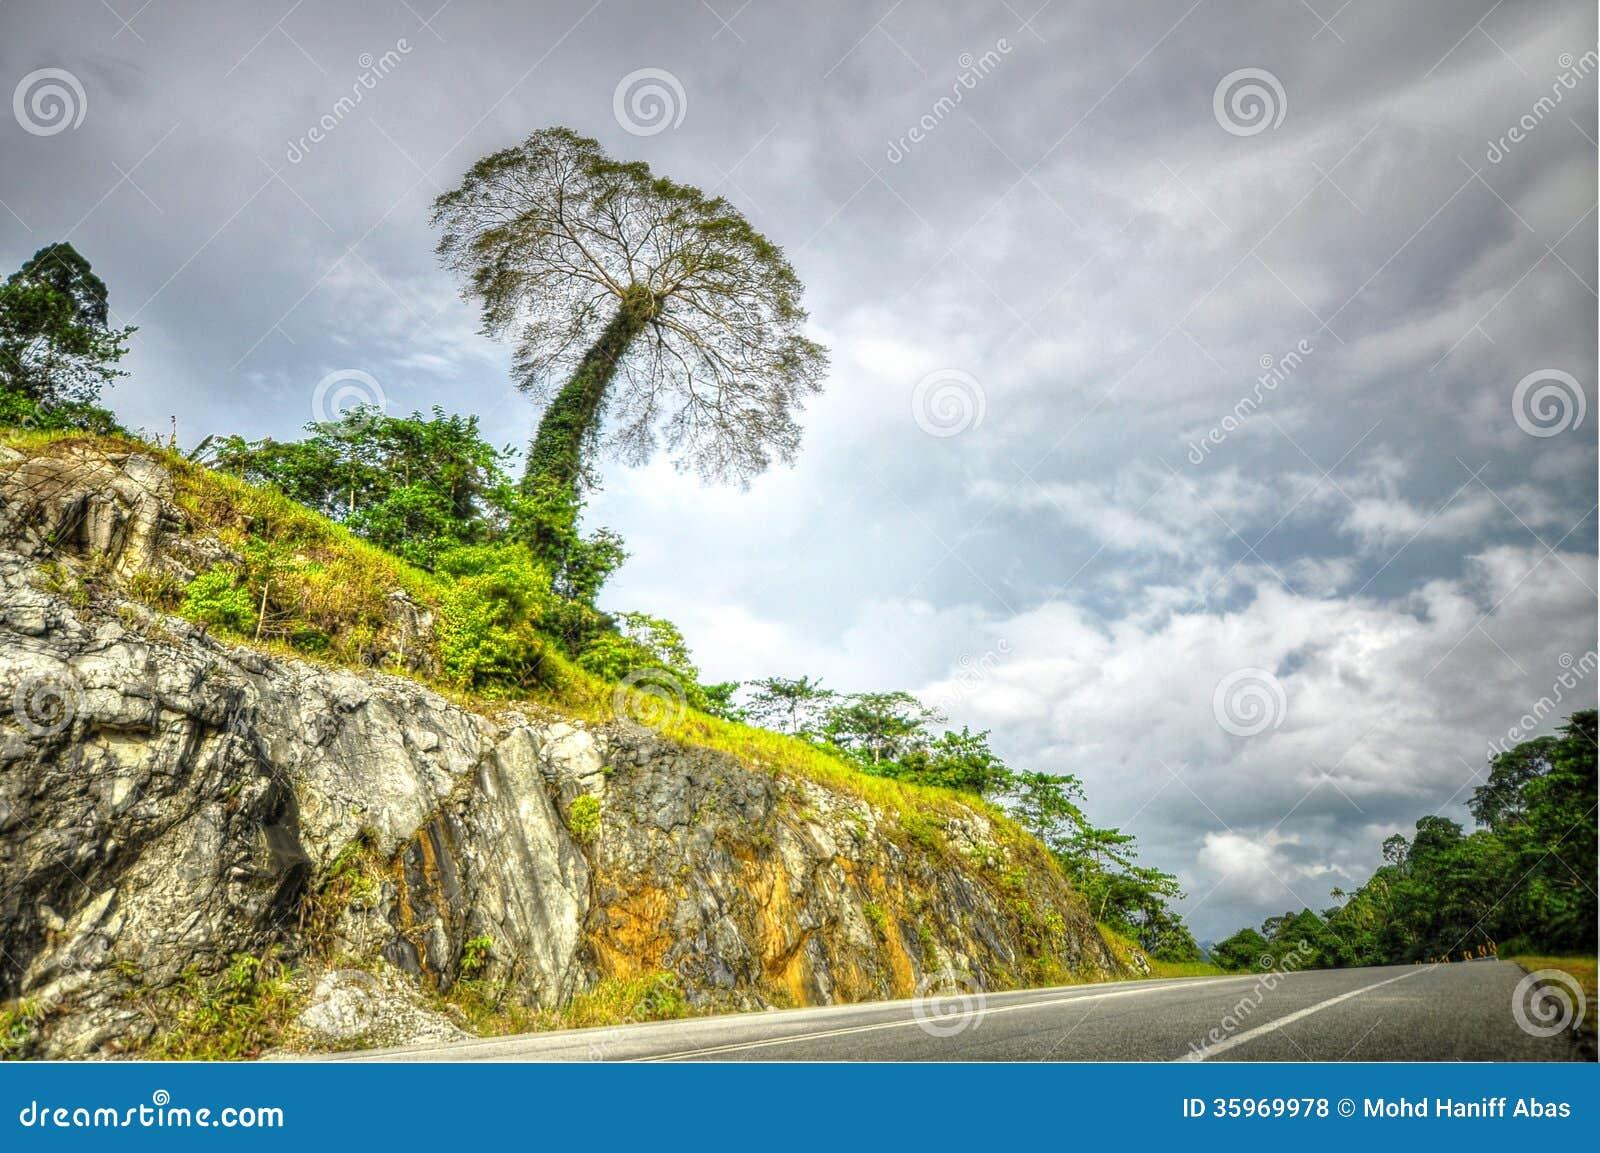 Árbol grande en la colina cerca del borde de la carretera